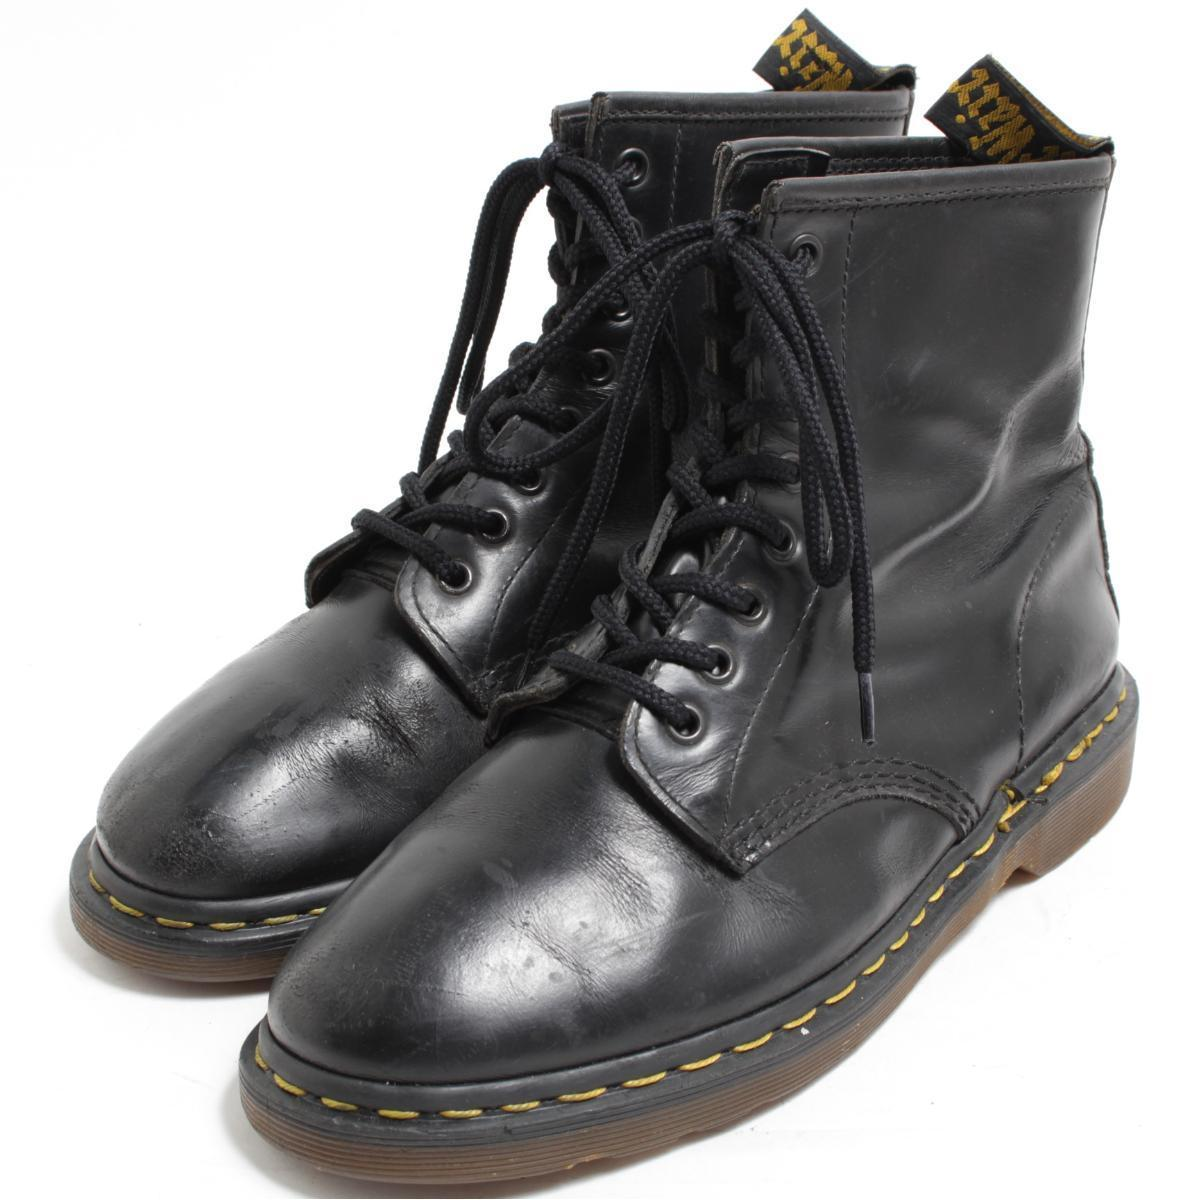 ドクターマーチン Dr.Martens 8ホールブーツ 英国製 UK8 メンズ26.5cm /bom9588 【中古】【古着屋JAM】 【180624】